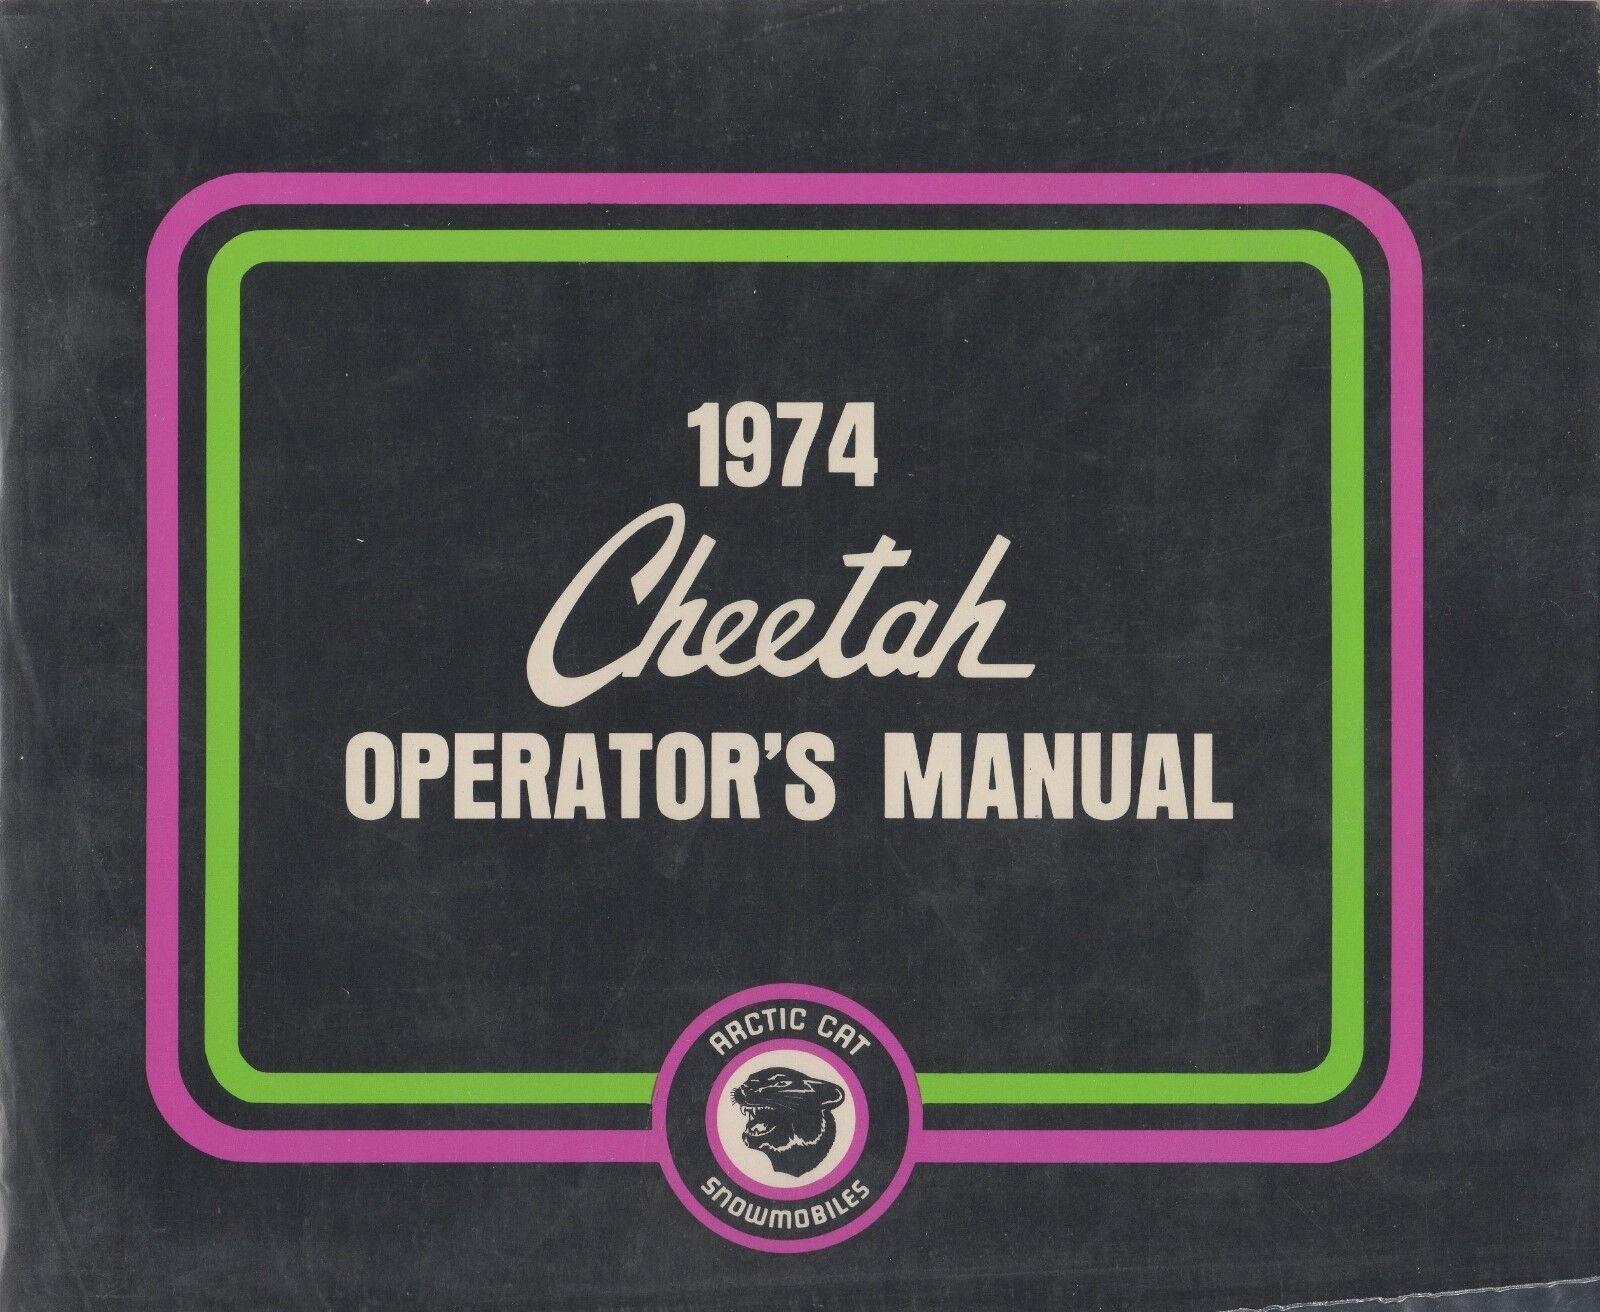 1974 ARCTIC CAT SNOWMOBILE CHEETAH  OPERATOR'S MANUAL  P N 2254-020 (168)  wholesape cheap